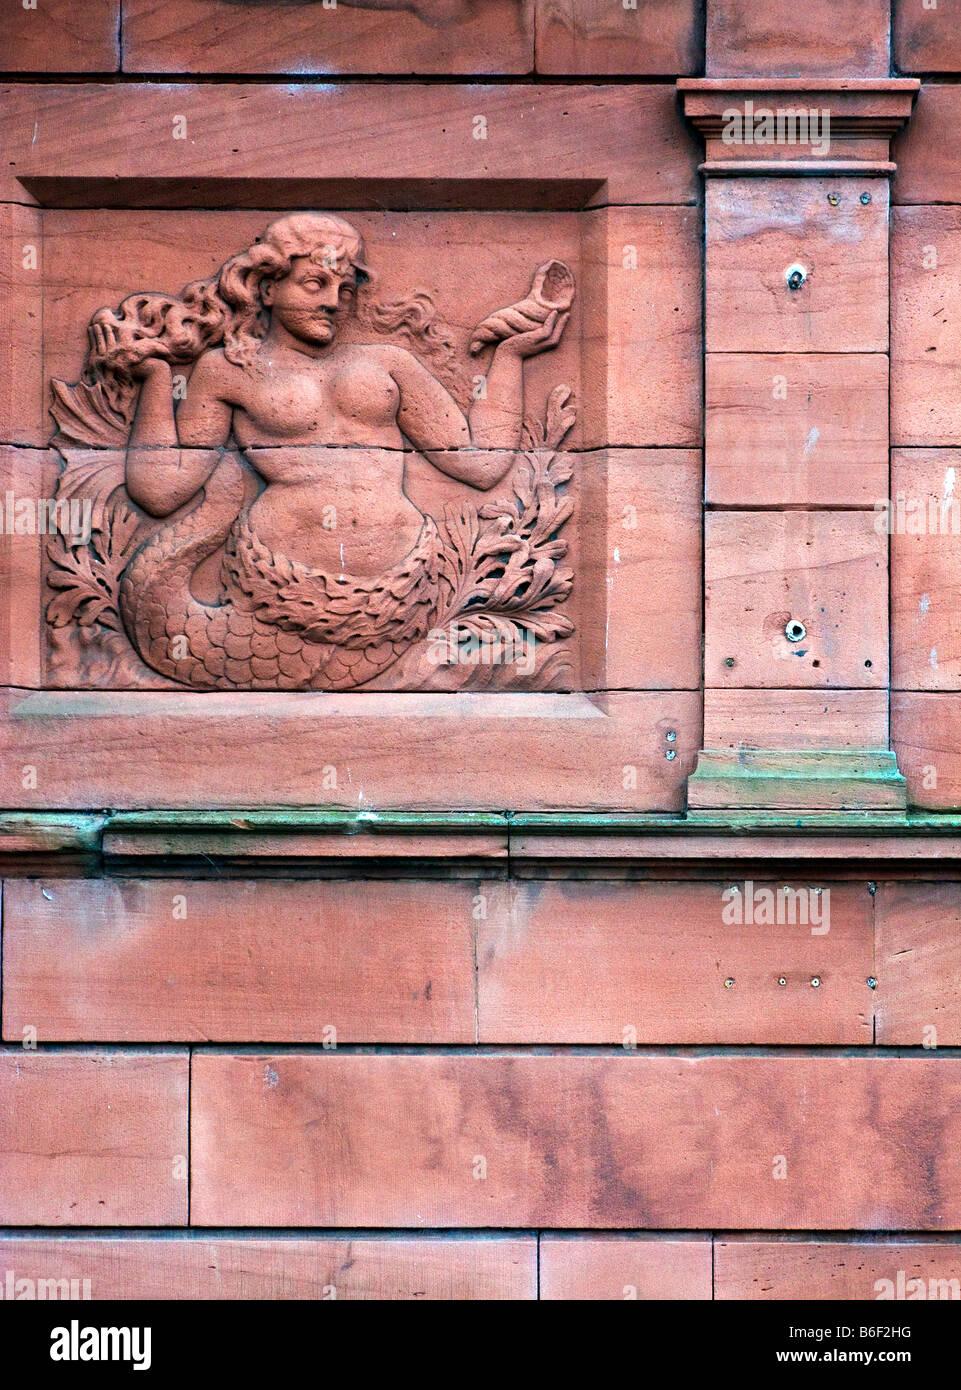 Talla de piedra arenisca en la zona ribereña de sirena en el edificio viejo puerto marinero de Whitehaven, West Coast, Cumbria Foto de stock